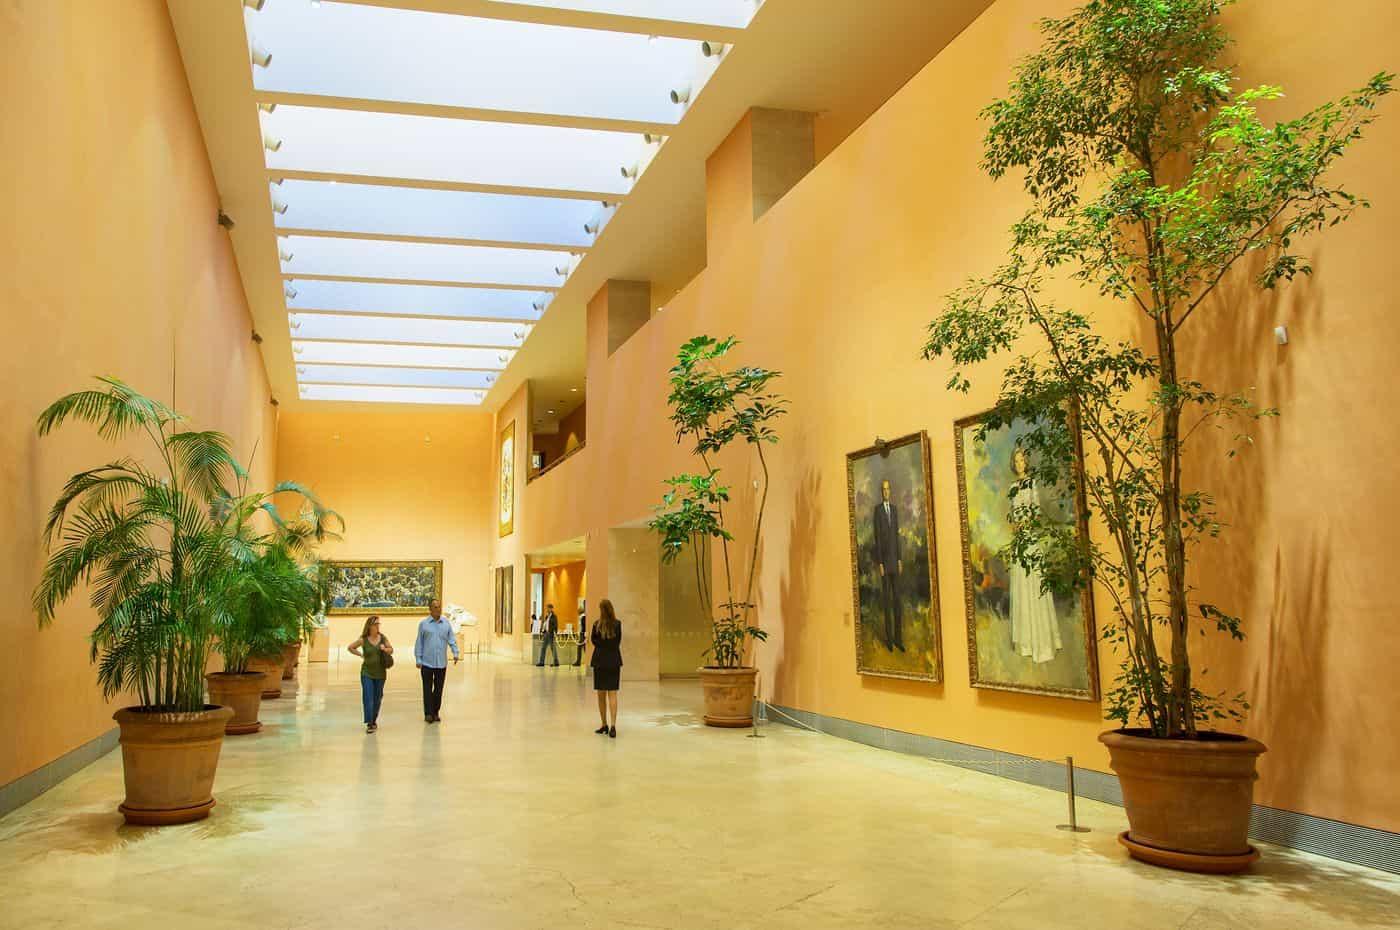 Madrid-Reise – Thyssen-Bornemisza Museum von innen